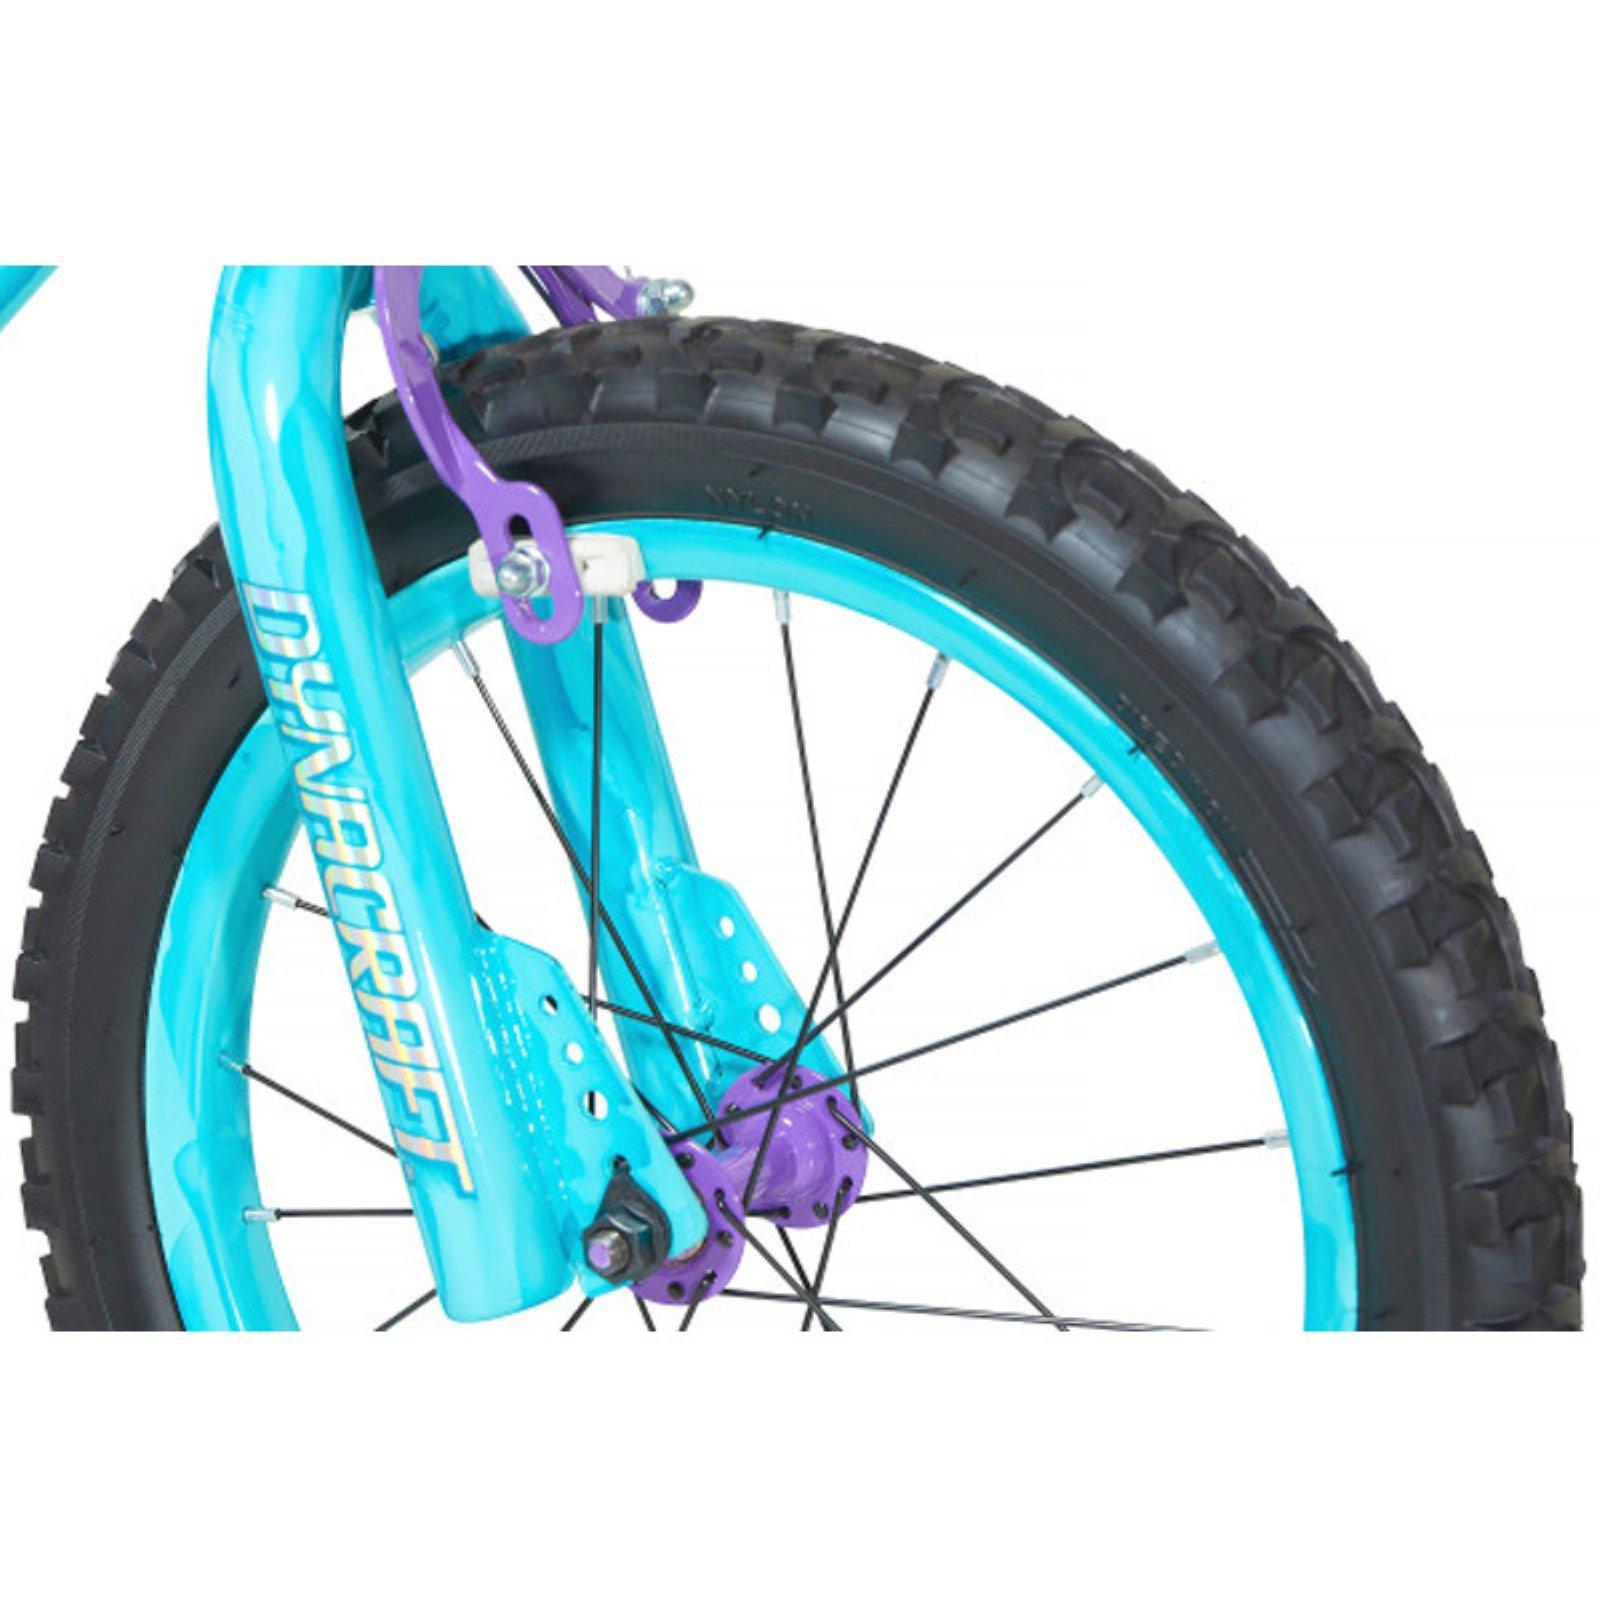 f7aa437f6ab Dynacraft 16. Twilight Twist Bike - Walmart.com